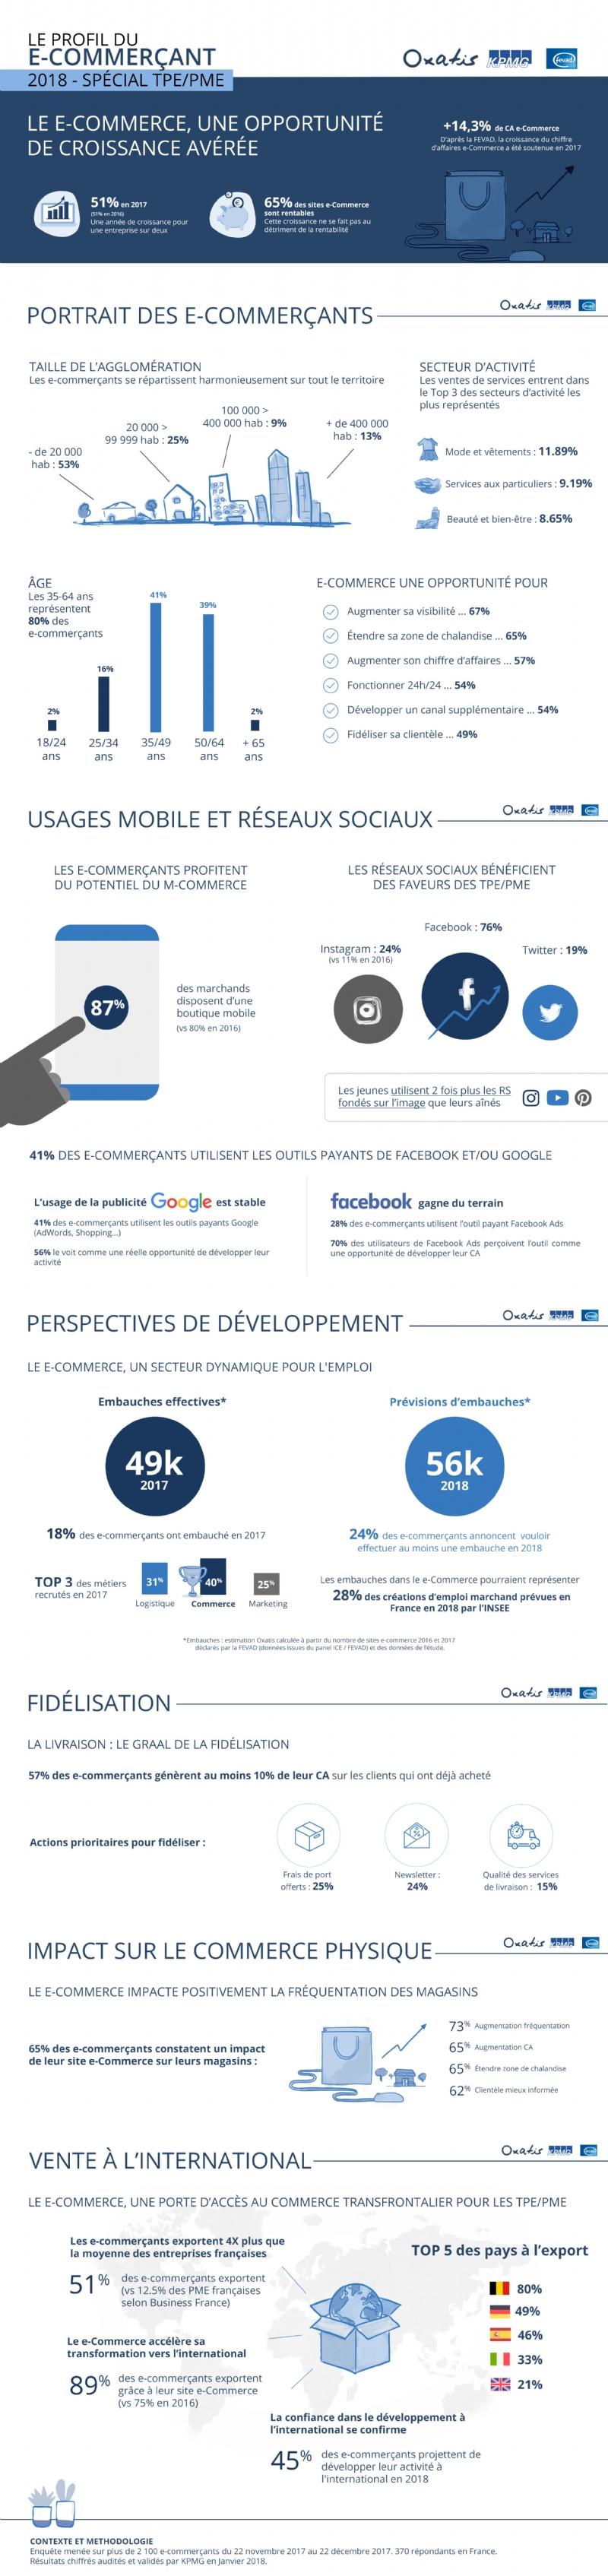 Le profil du e-commerçant 2018